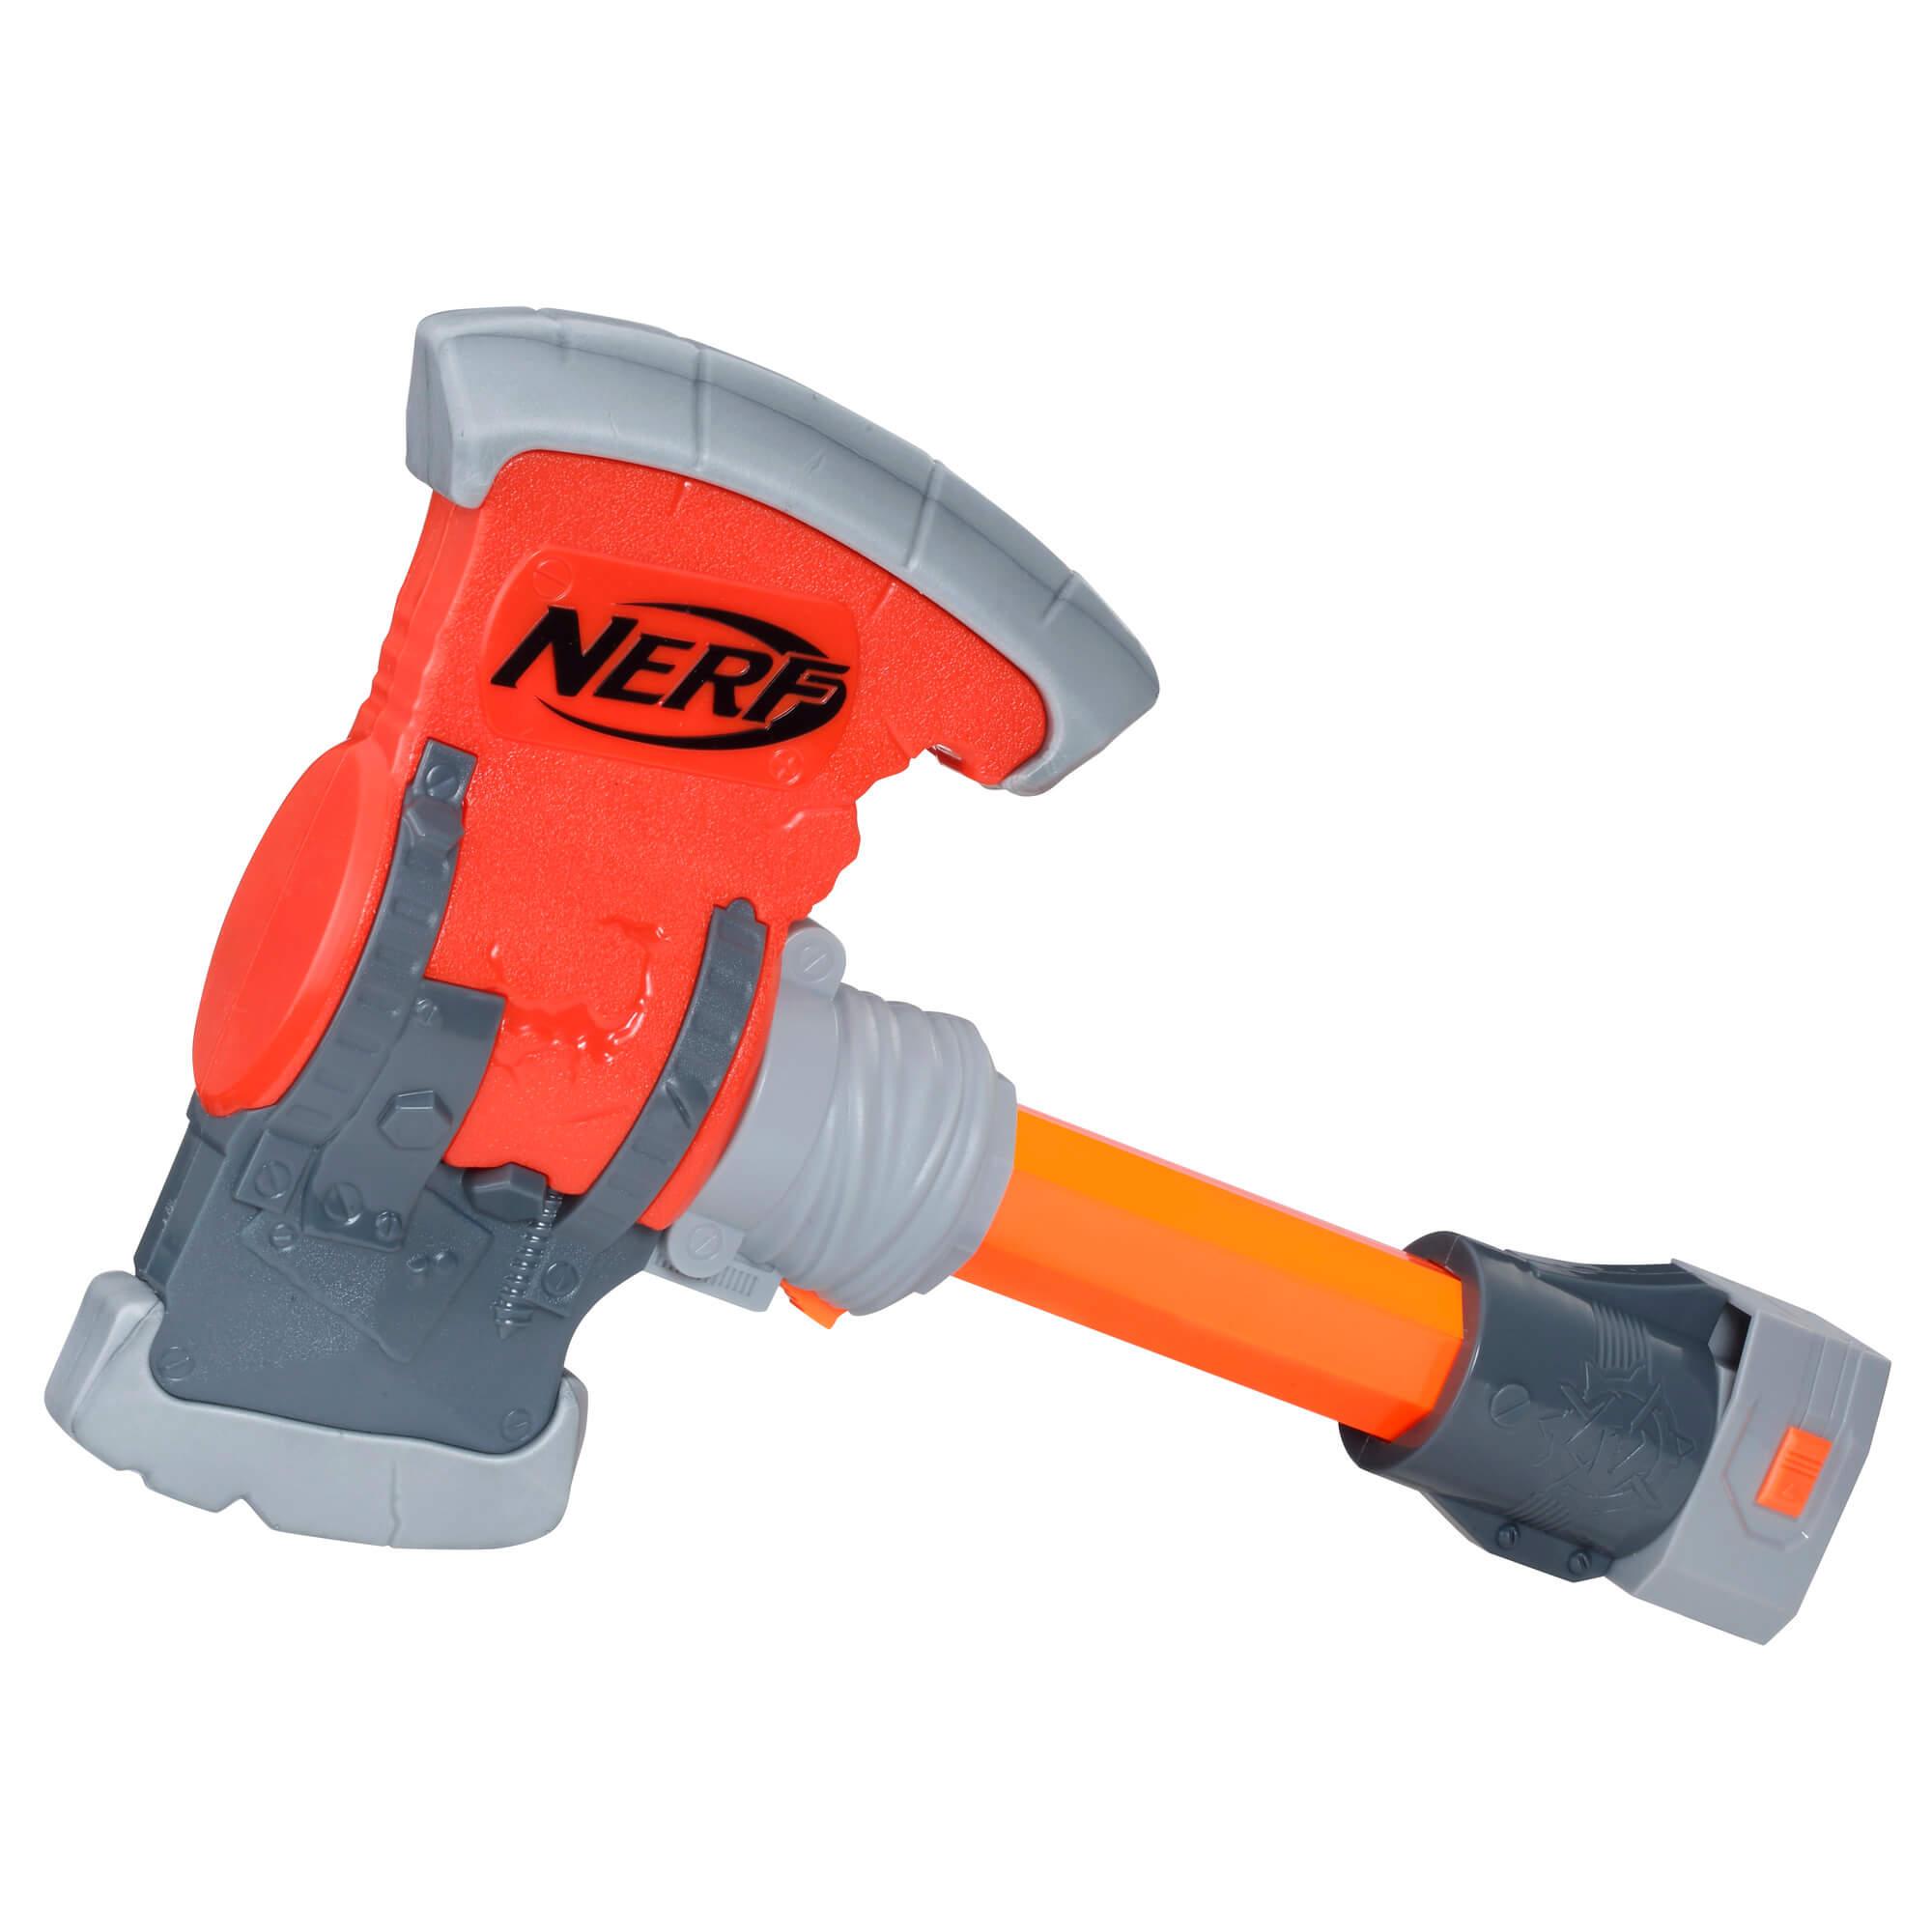 Mua đồ chơi súng NERF E2153 - (Mã: E2153) Rìu NERF Zombie Chopstock (Dòng Zombie Strike)